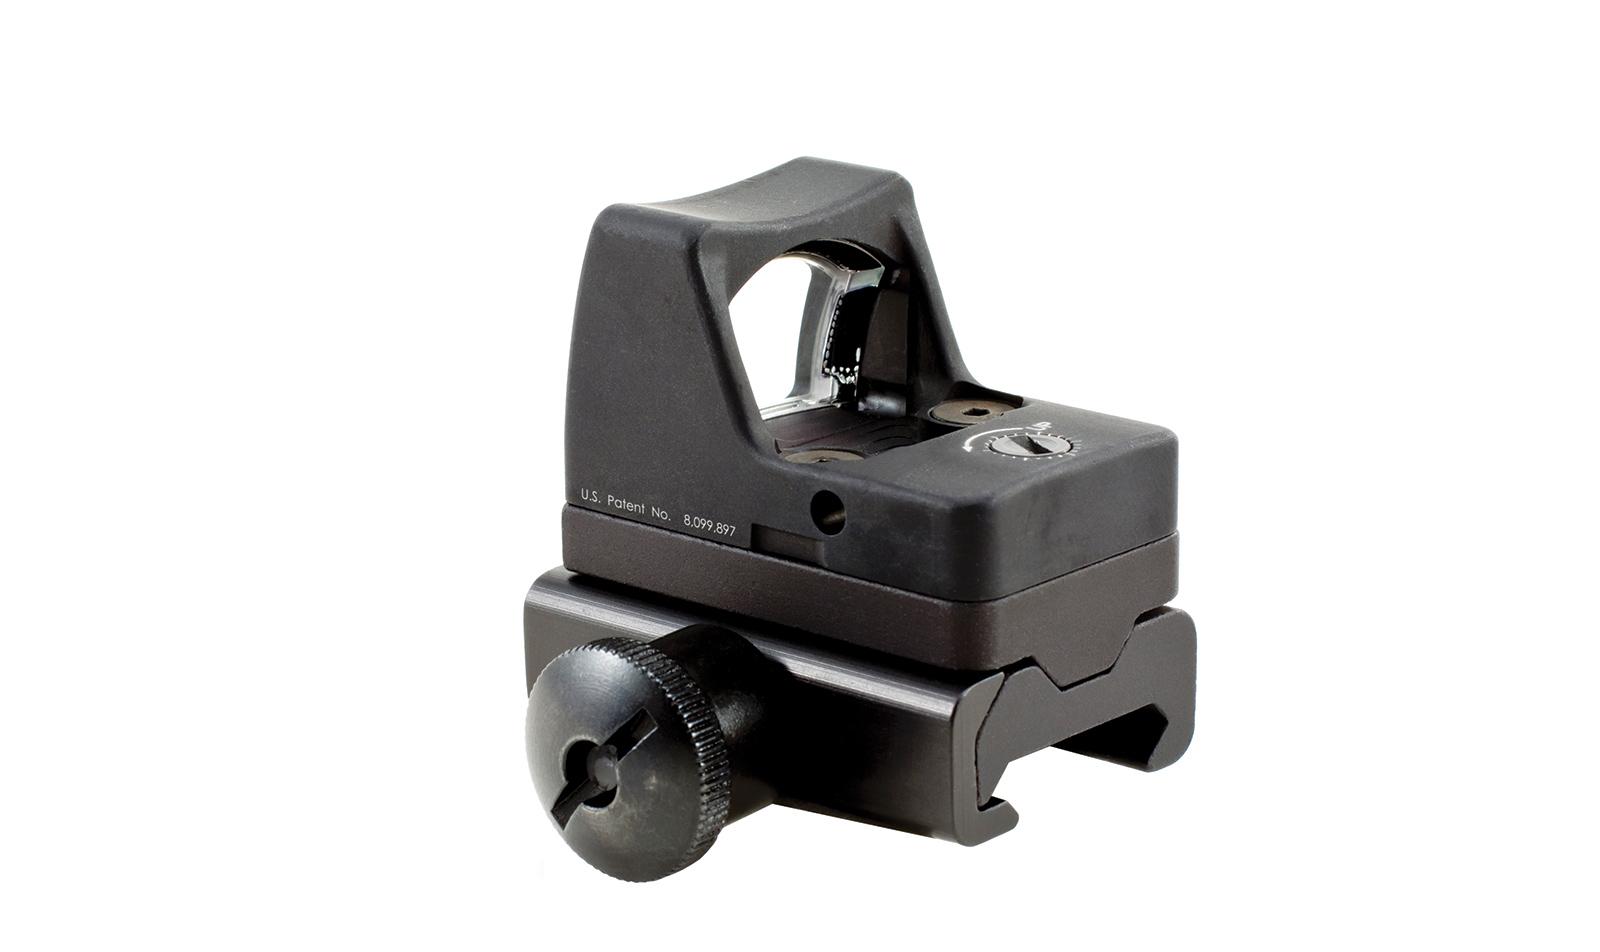 RM02-C-700610 angle 2